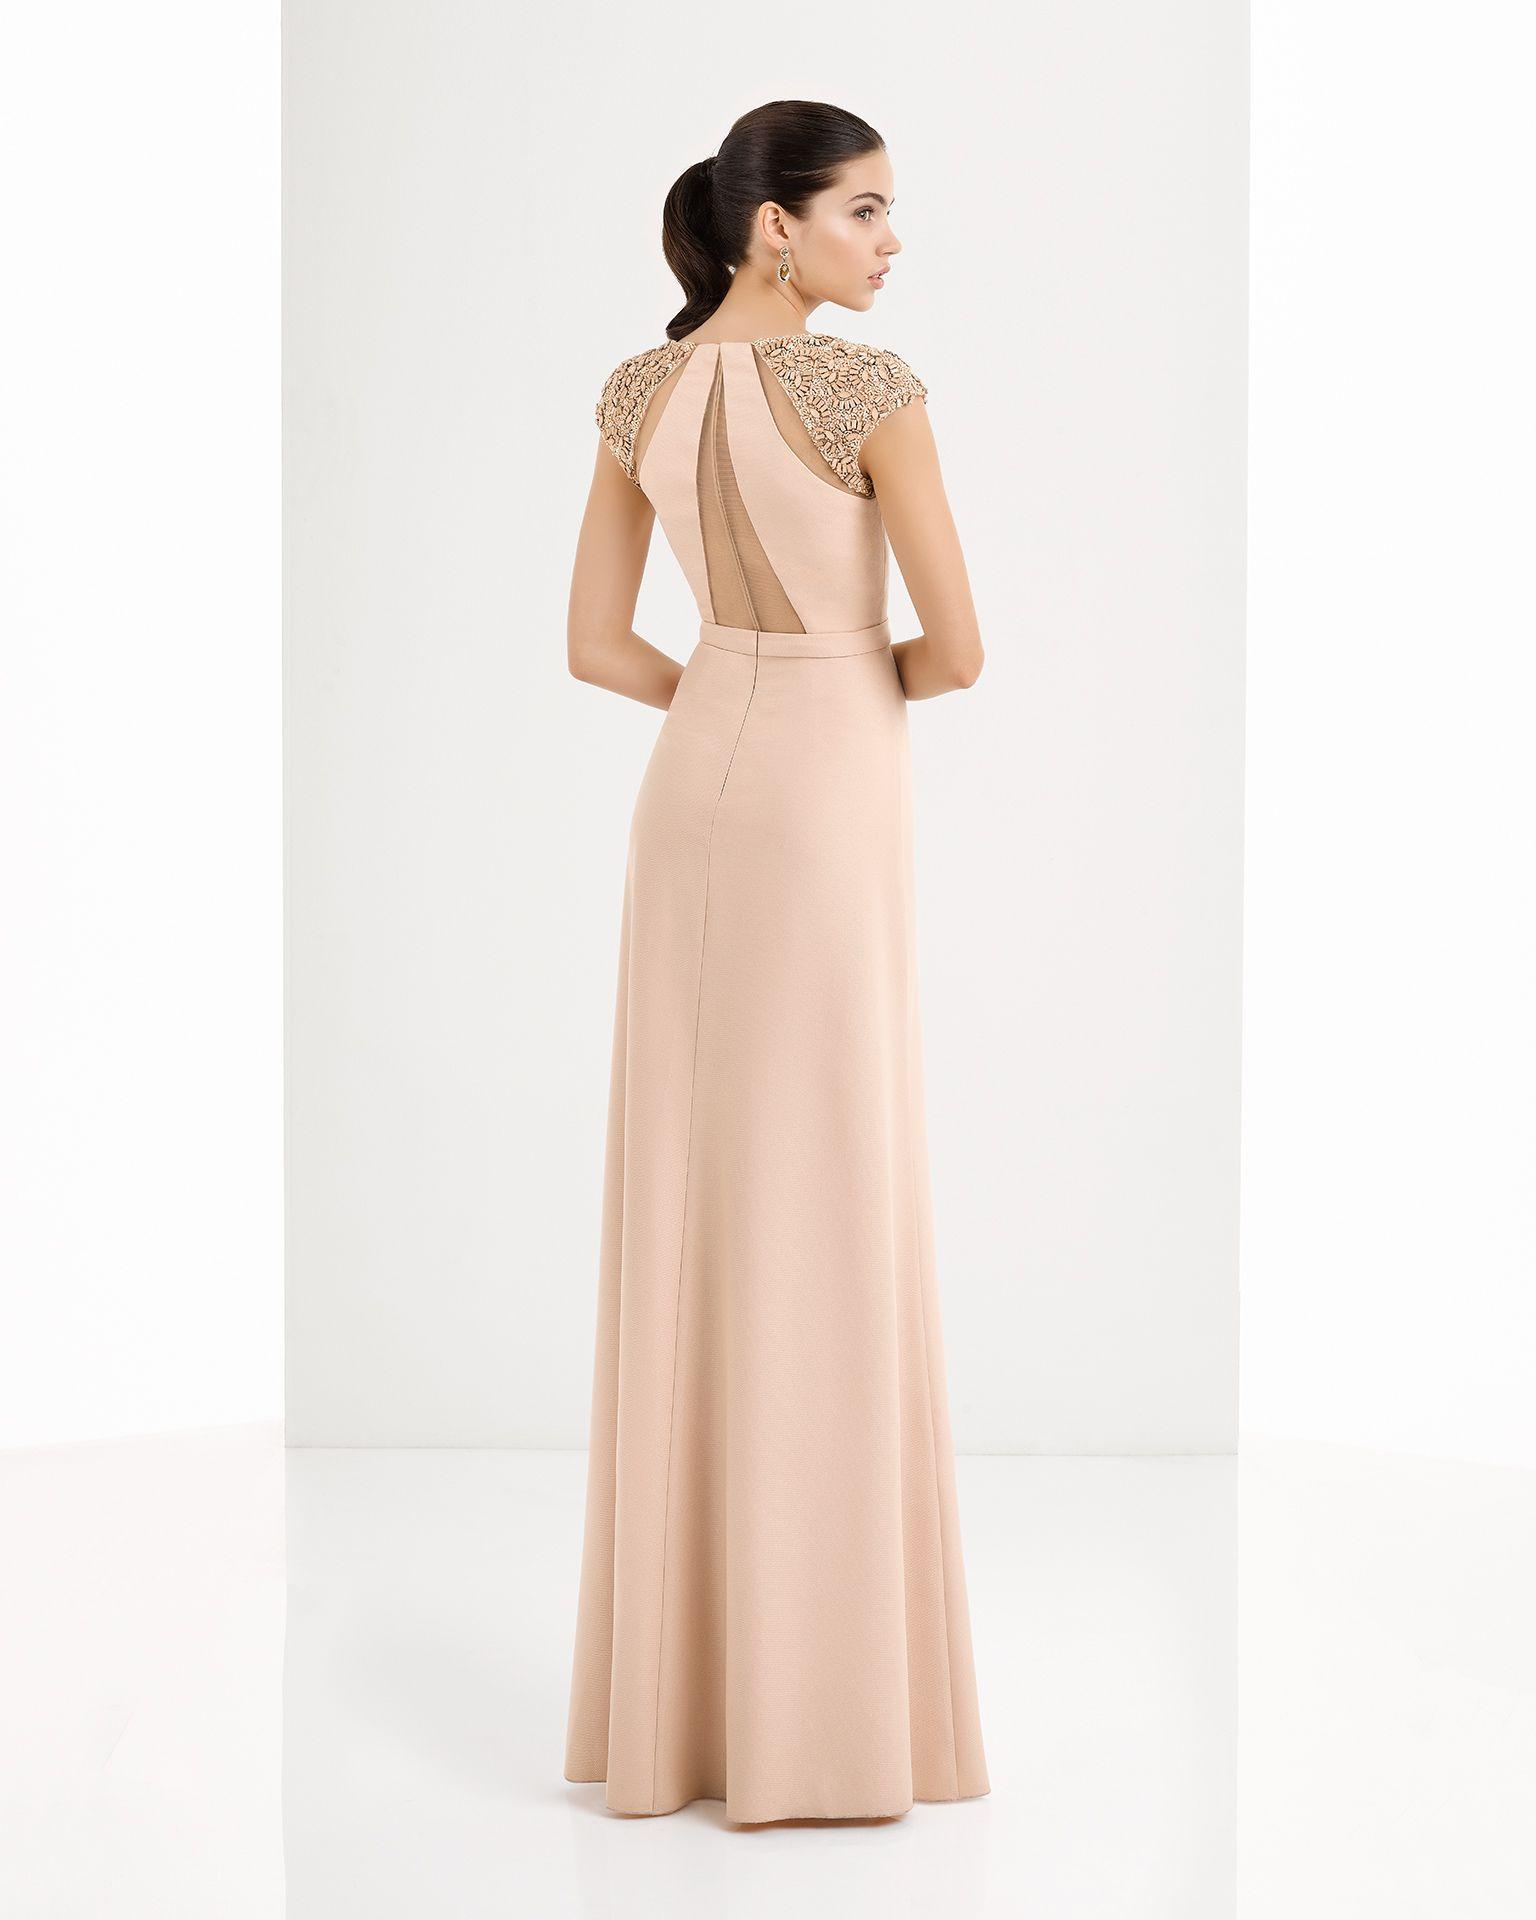 680410ff81 Vestido cingido de crepe georgete com guipura e brilhantes bordado nos  ombros